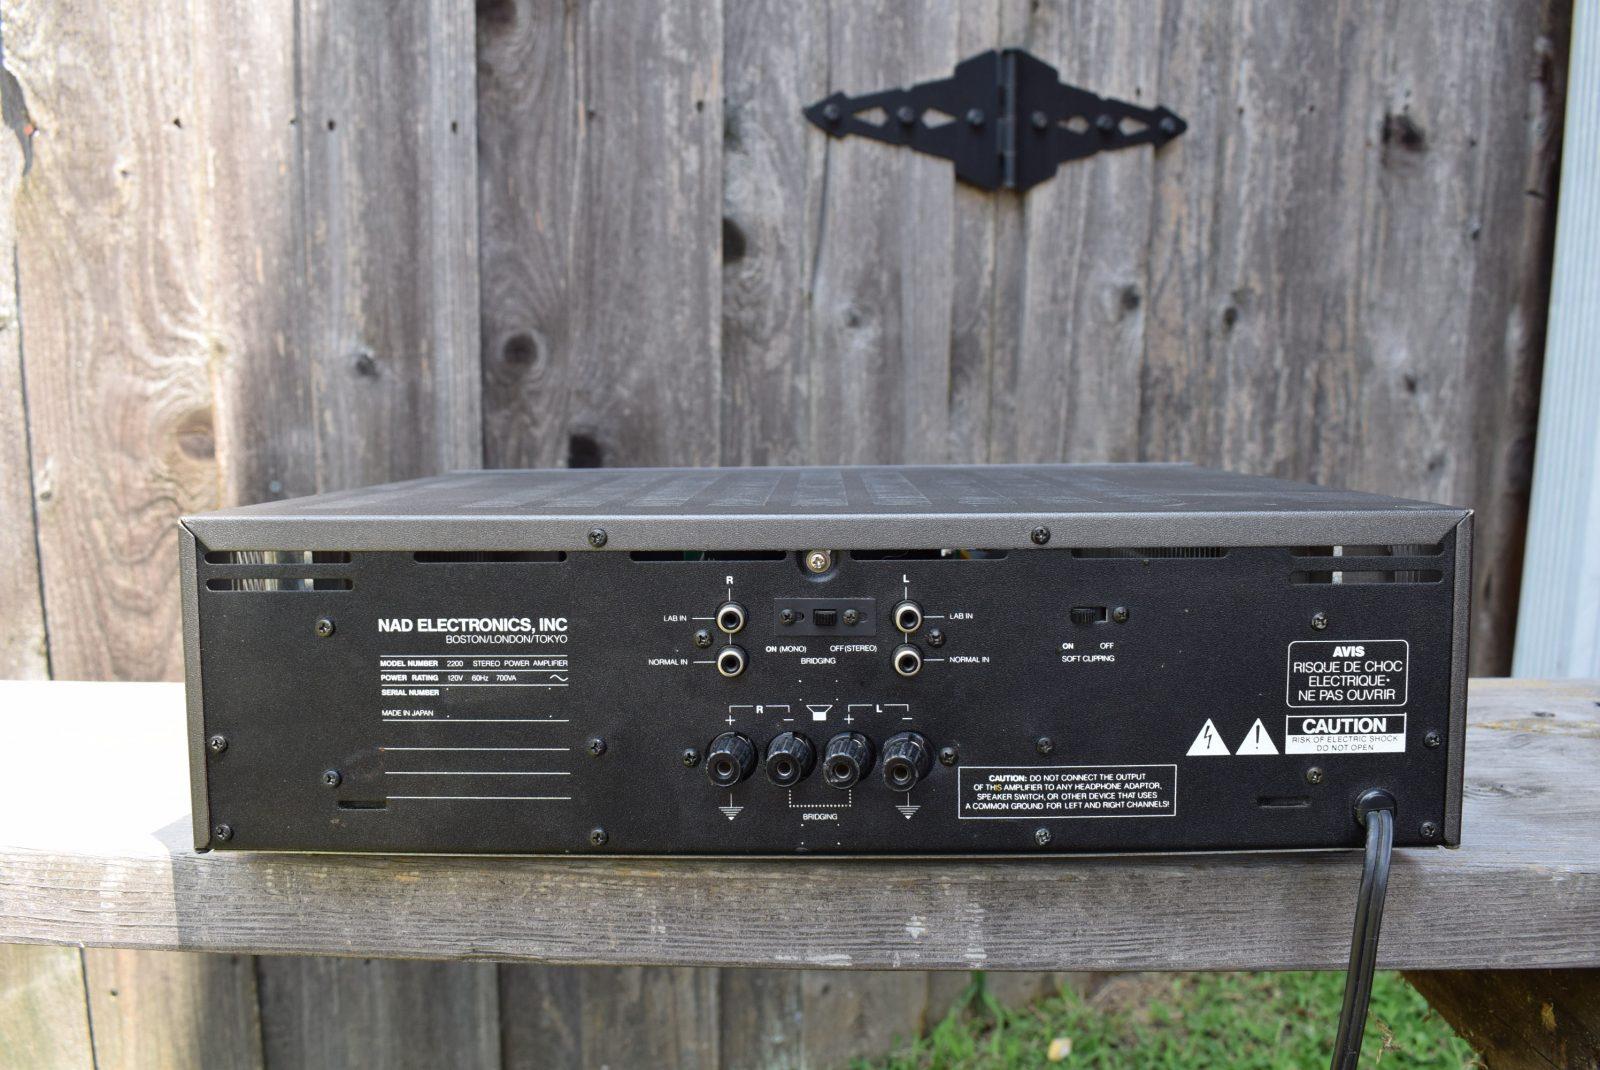 NAD Stereo Power Amp - Model: 2200